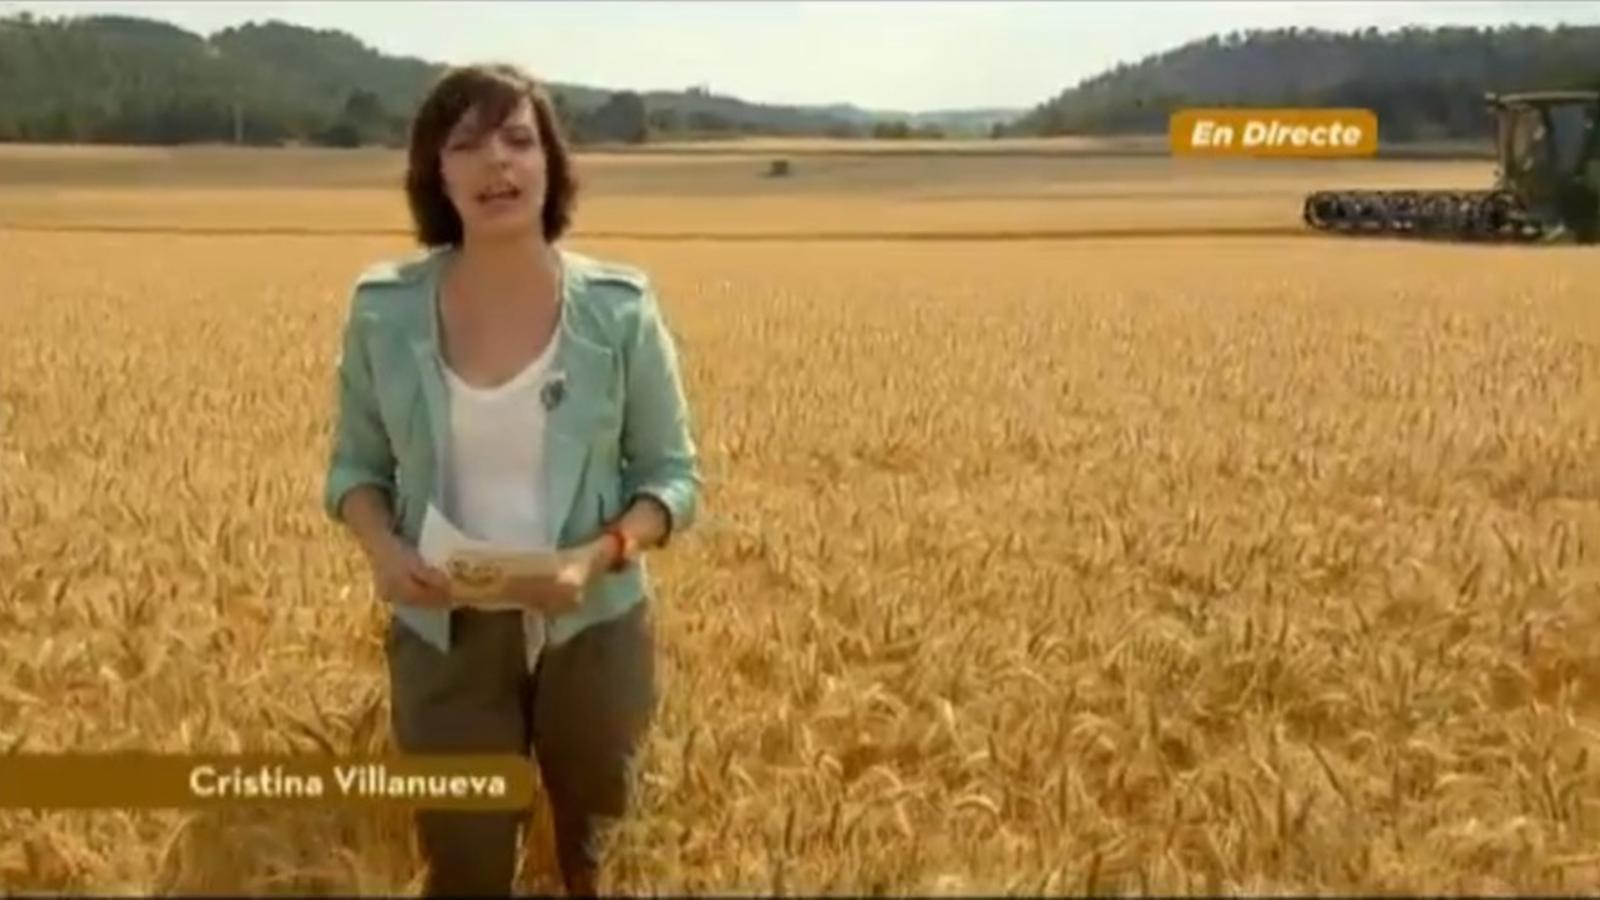 L'anunci de Tarradellas a l'estil d'una connexió en directe d'un telenotícies